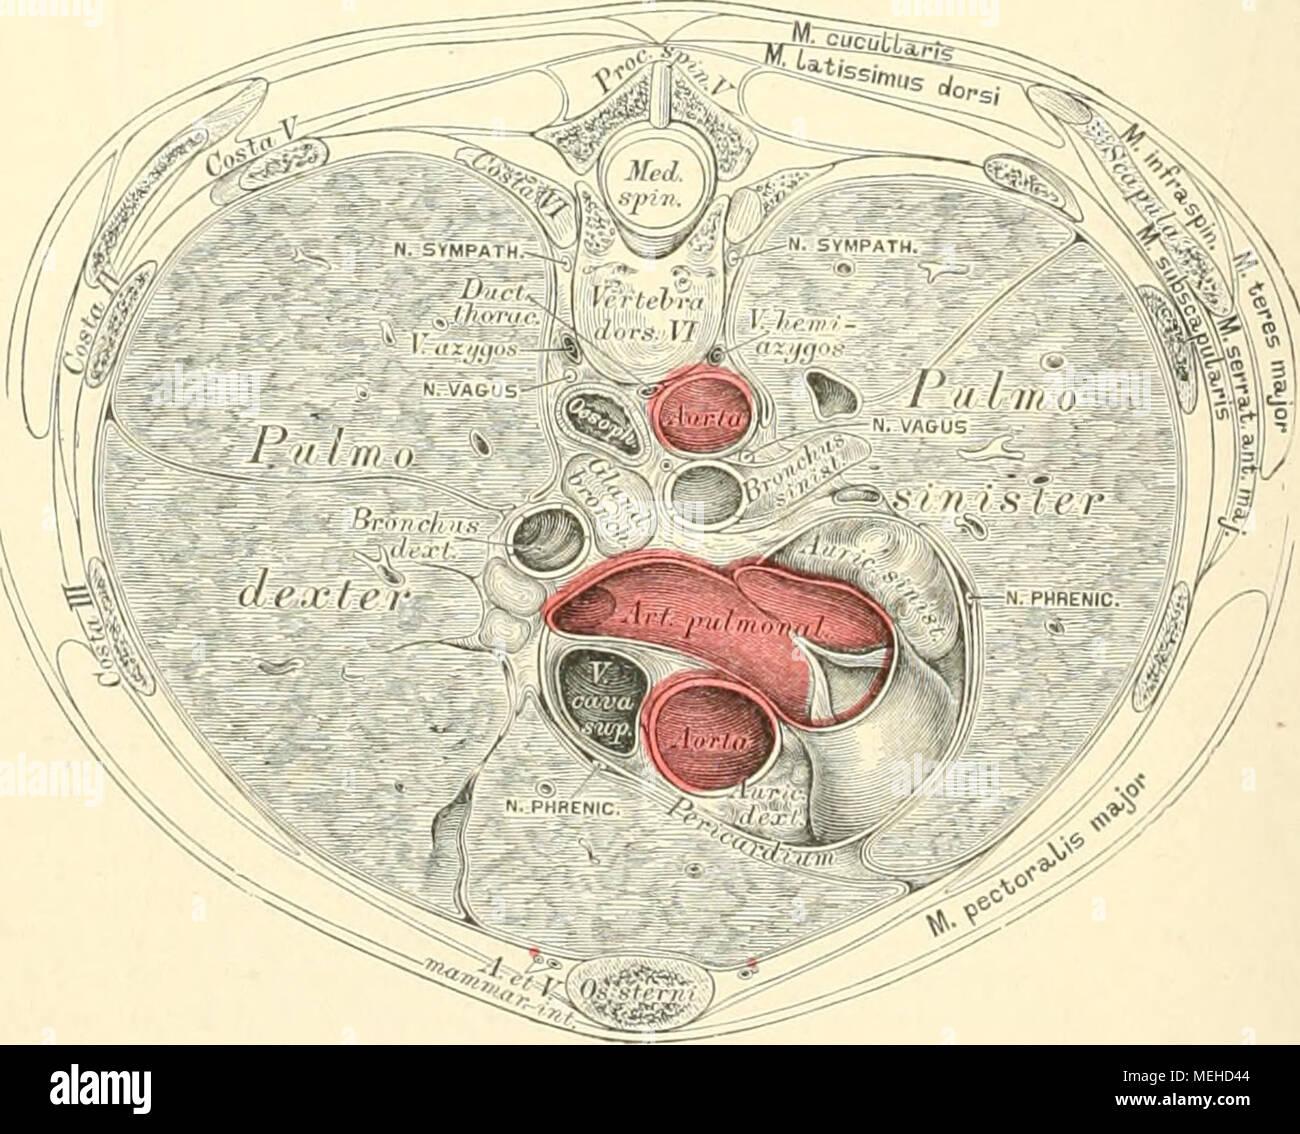 Ziemlich Thorax Anatomie Des Menschen Zeitgenössisch - Anatomie ...